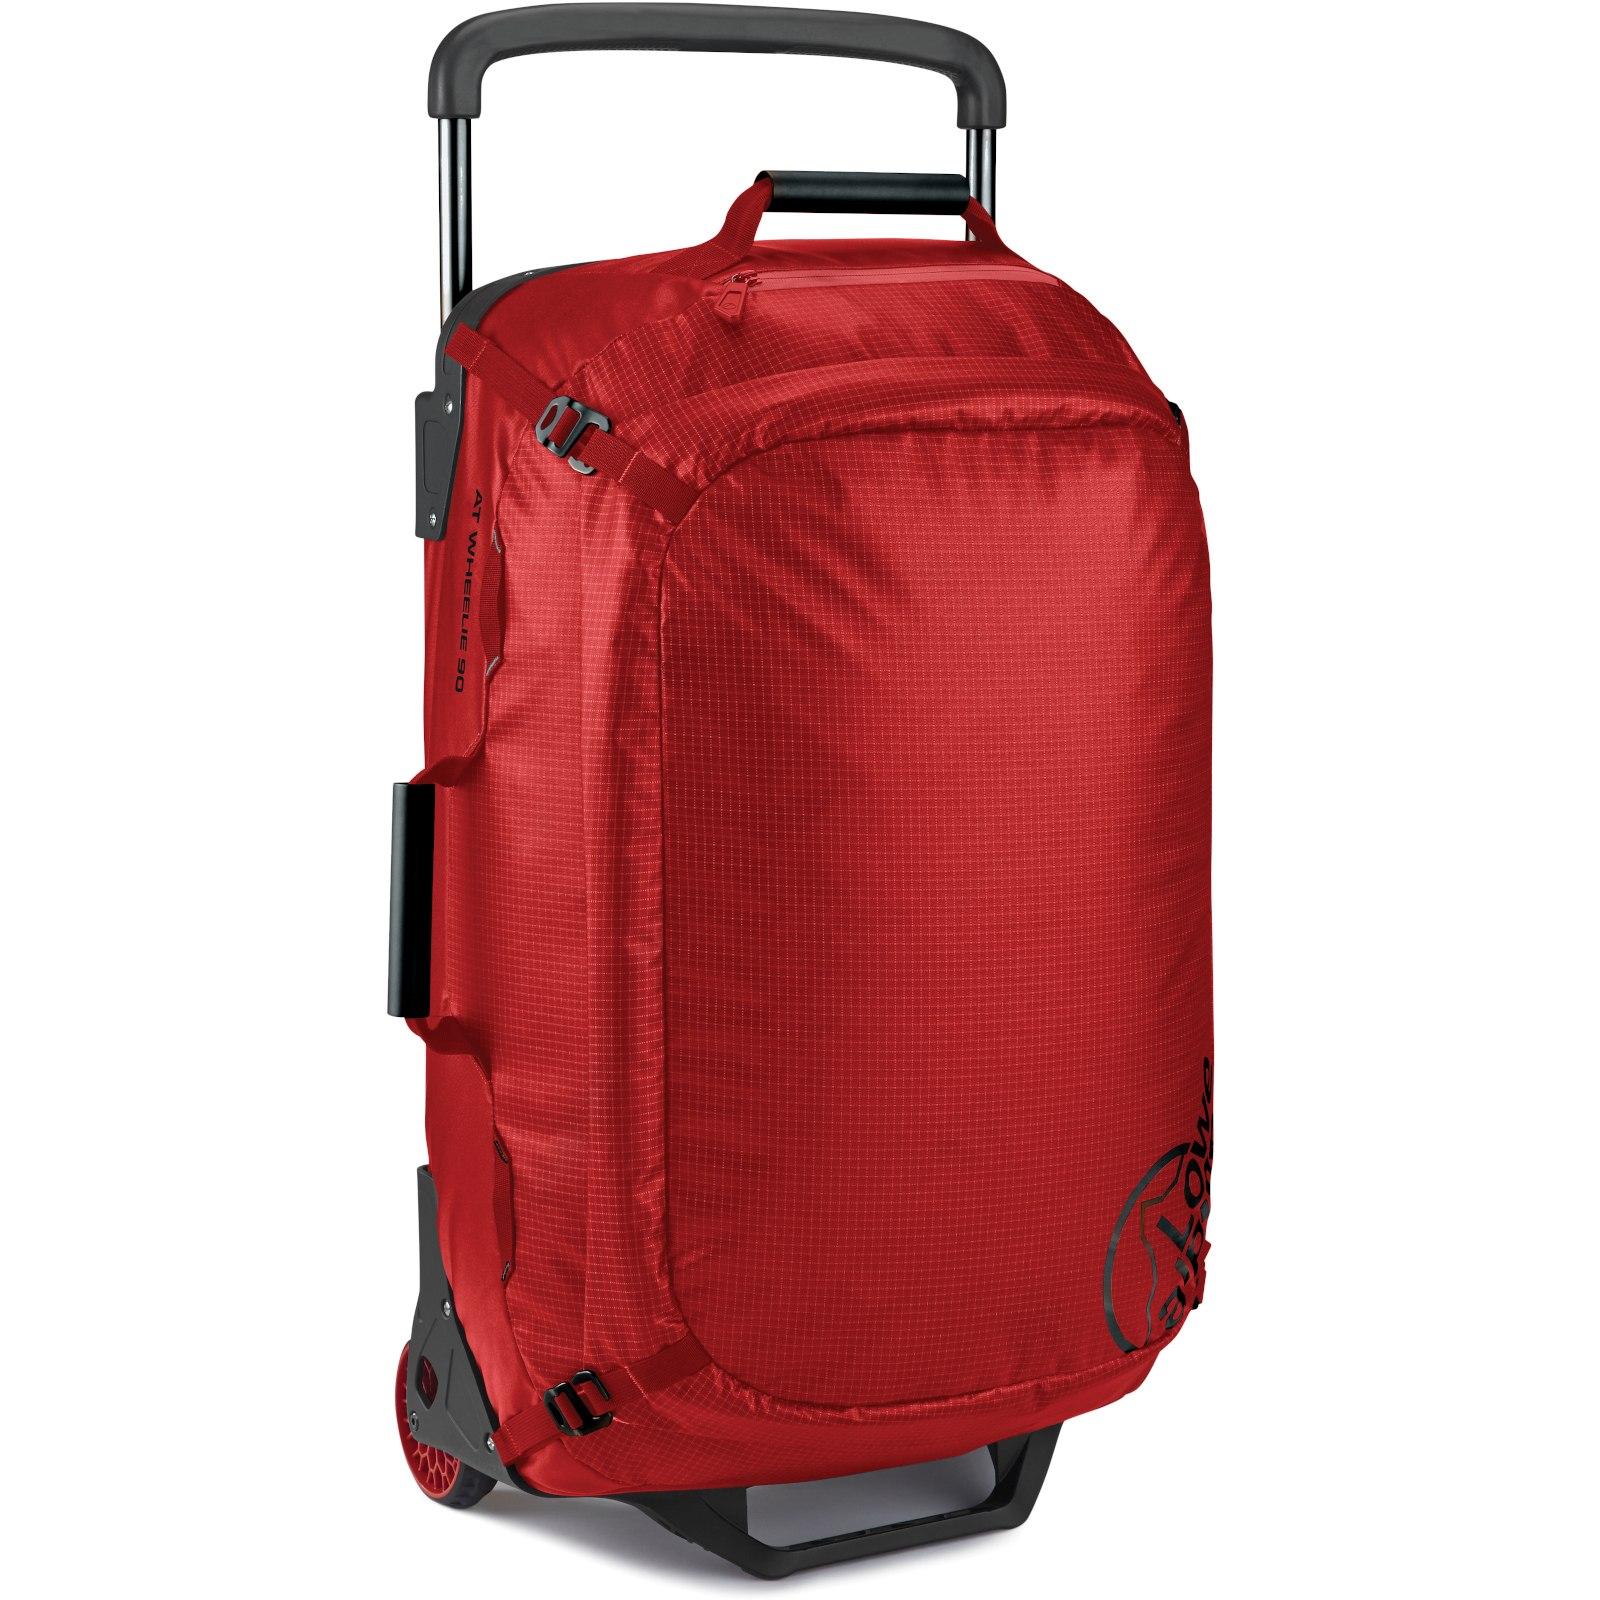 Lowe Alpine AT Wheelie 90 Duffle Bag - Pepper Red/Black